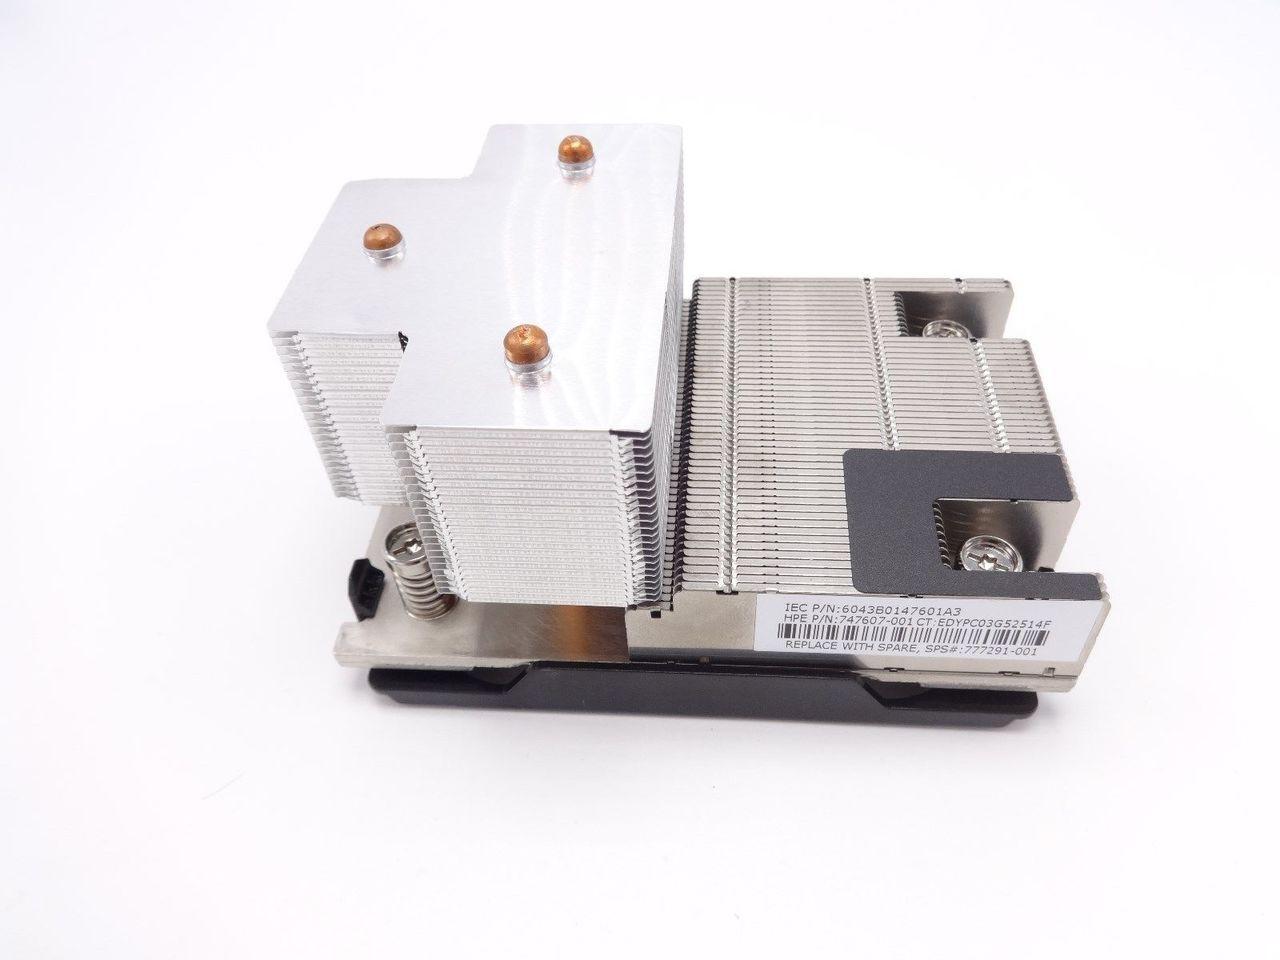 HP 777291-001 DL380 Gen 9 High Performance Heat Sink 747607-001